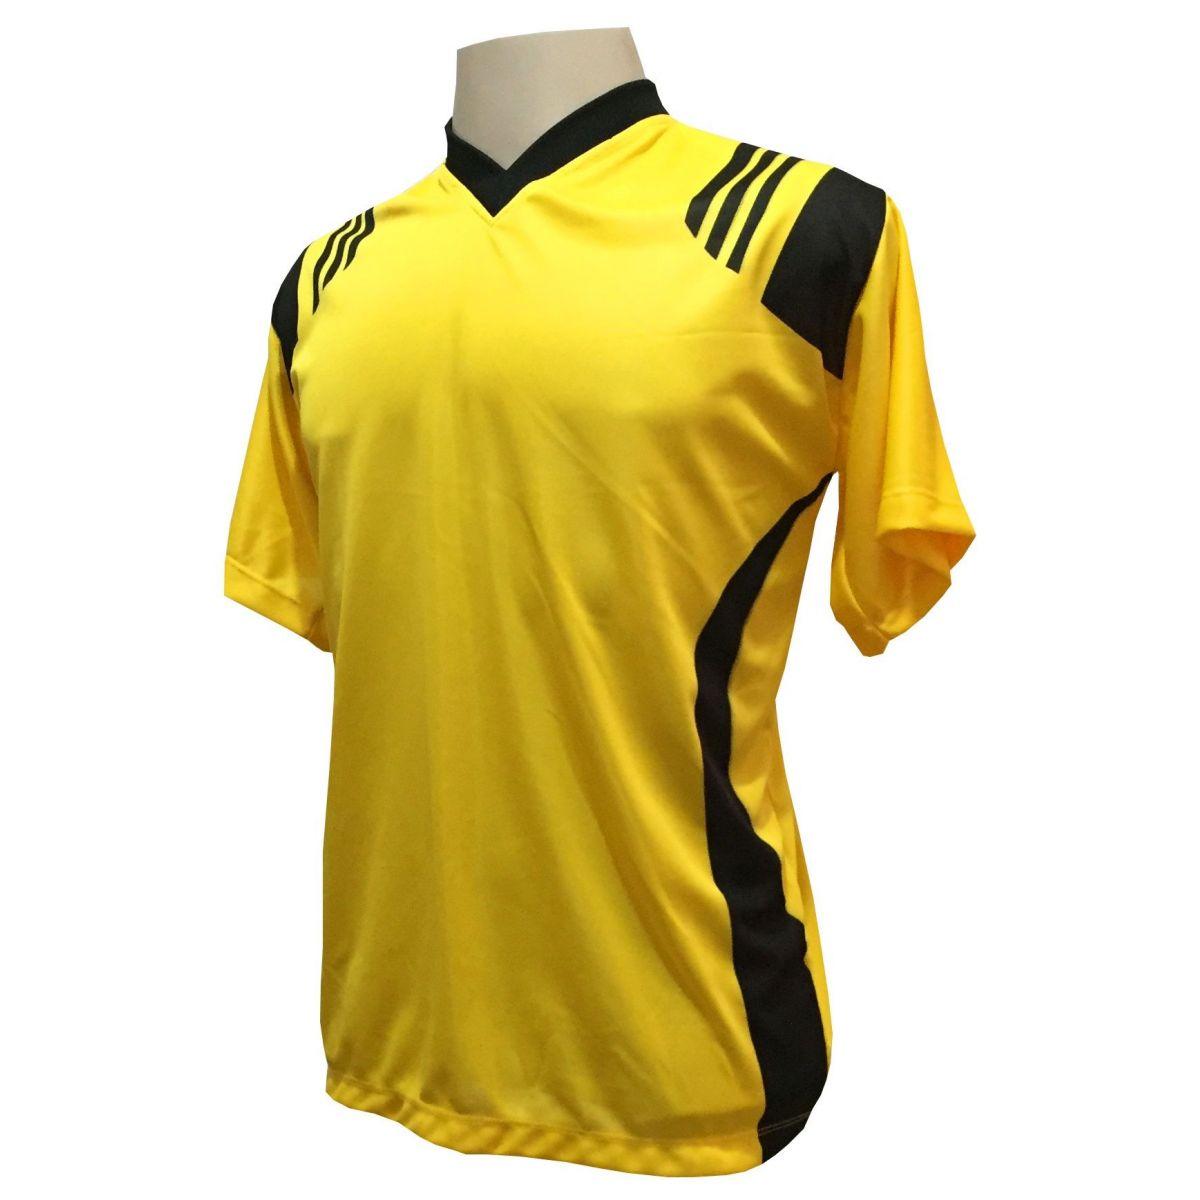 Uniforme Esportivo com 12 Camisas modelo Roma Amarelo/Preto + 12 Calções modelo Madrid Preto + 12 Pares de meiões Preto